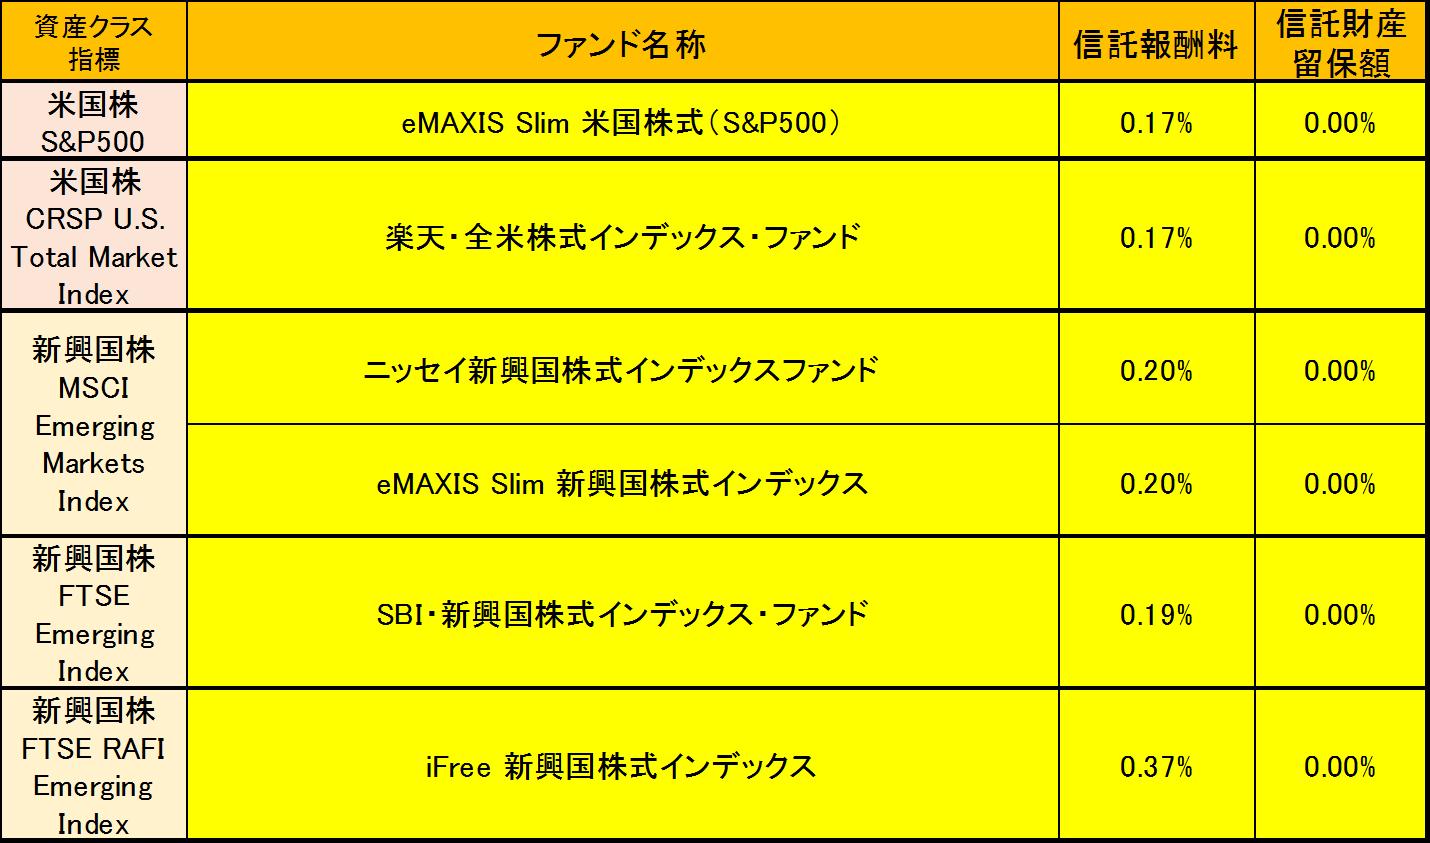 tsumitatenisa_saiyasune2_tesuuryou